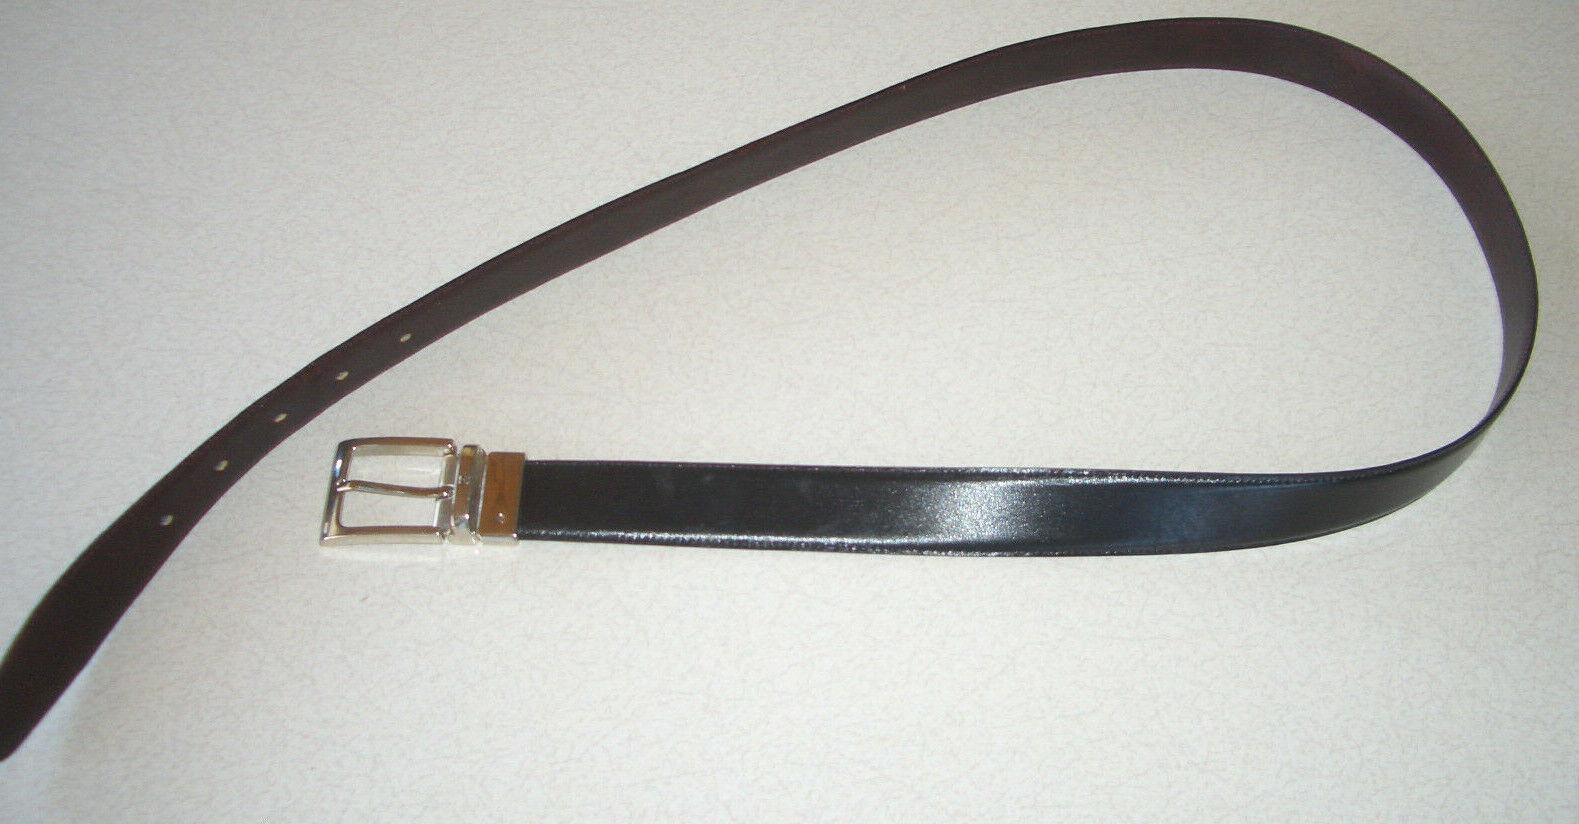 Herren Ledergürtel von Bogner schwarz und braun echtes Leder